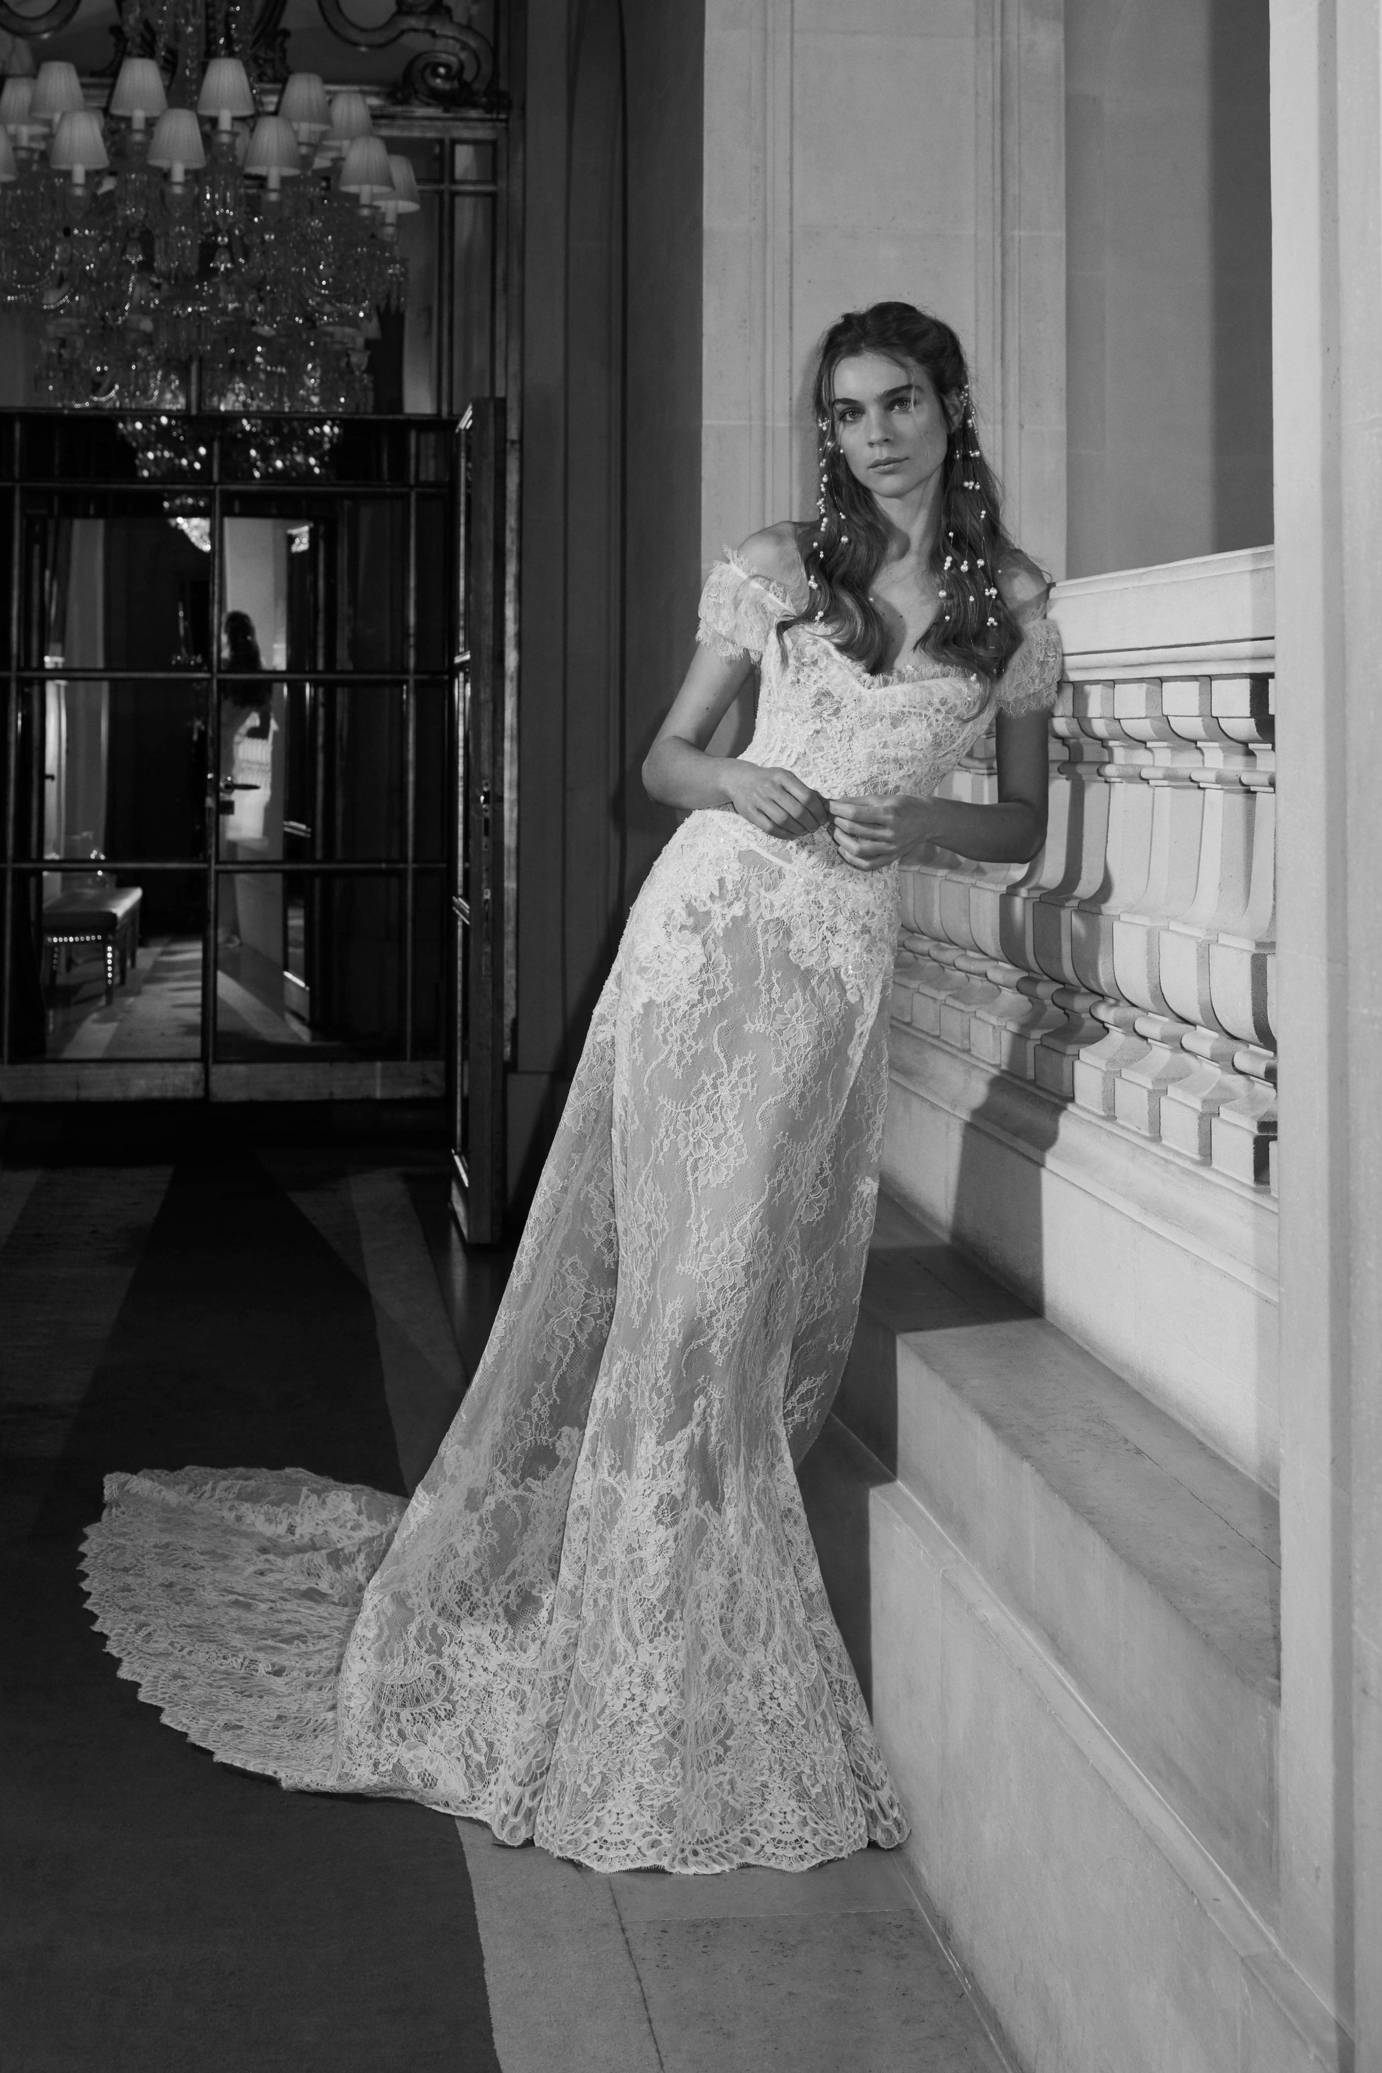 El lookbook de la colección Elie Saab Bridal Spring 2019